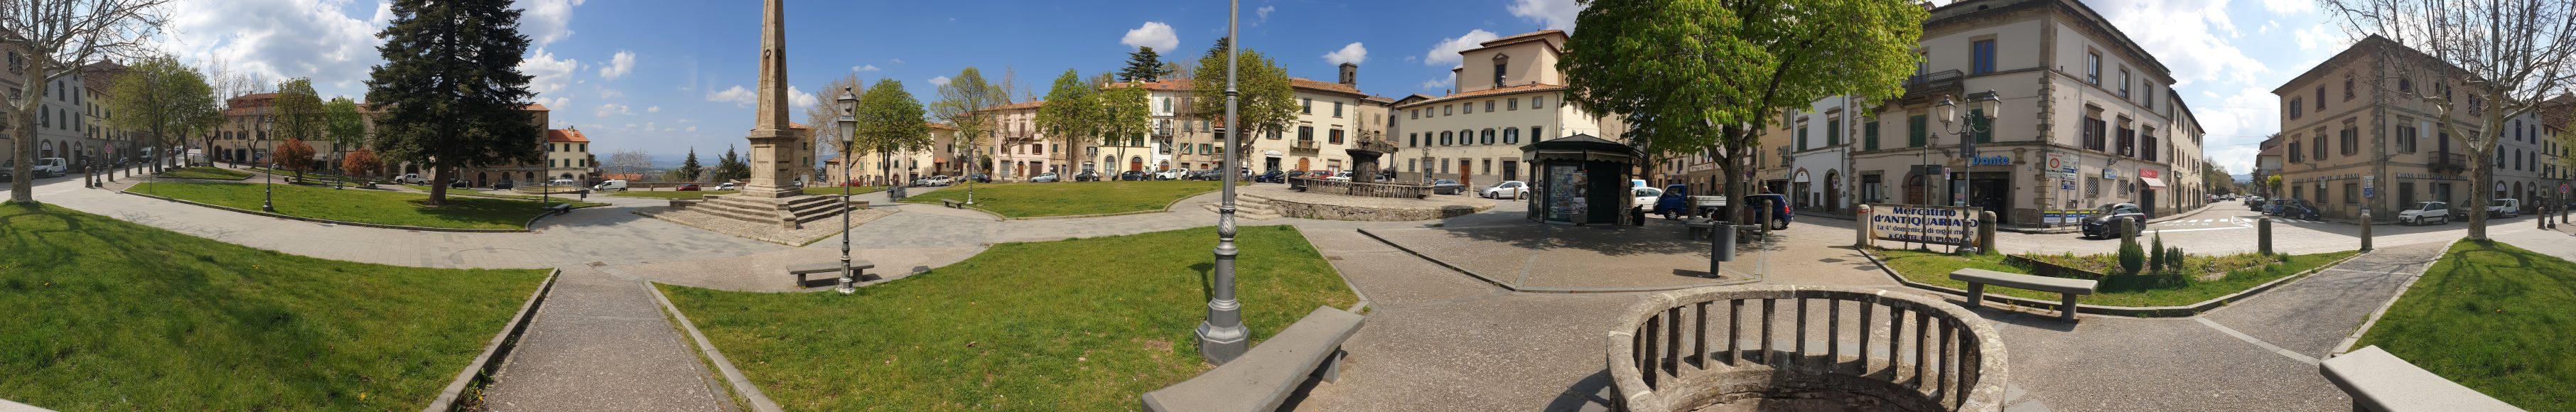 Rundumblick durch eine toskanische Stadt